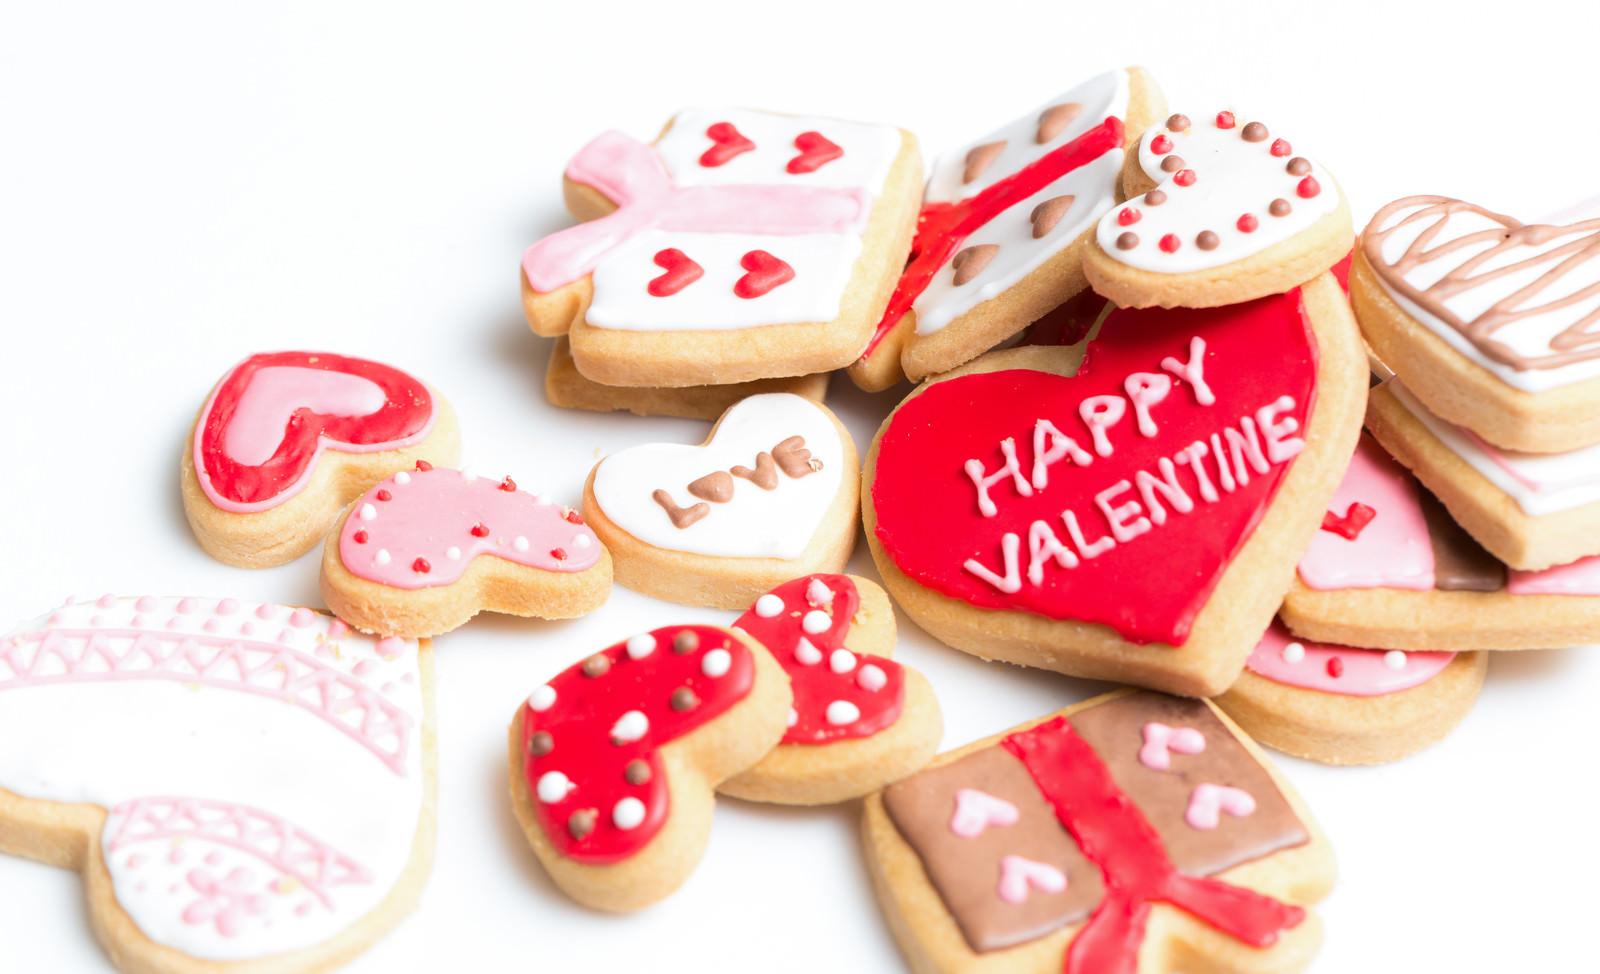 「ハッピーバレンタイン(アイシングクッキー)」の写真